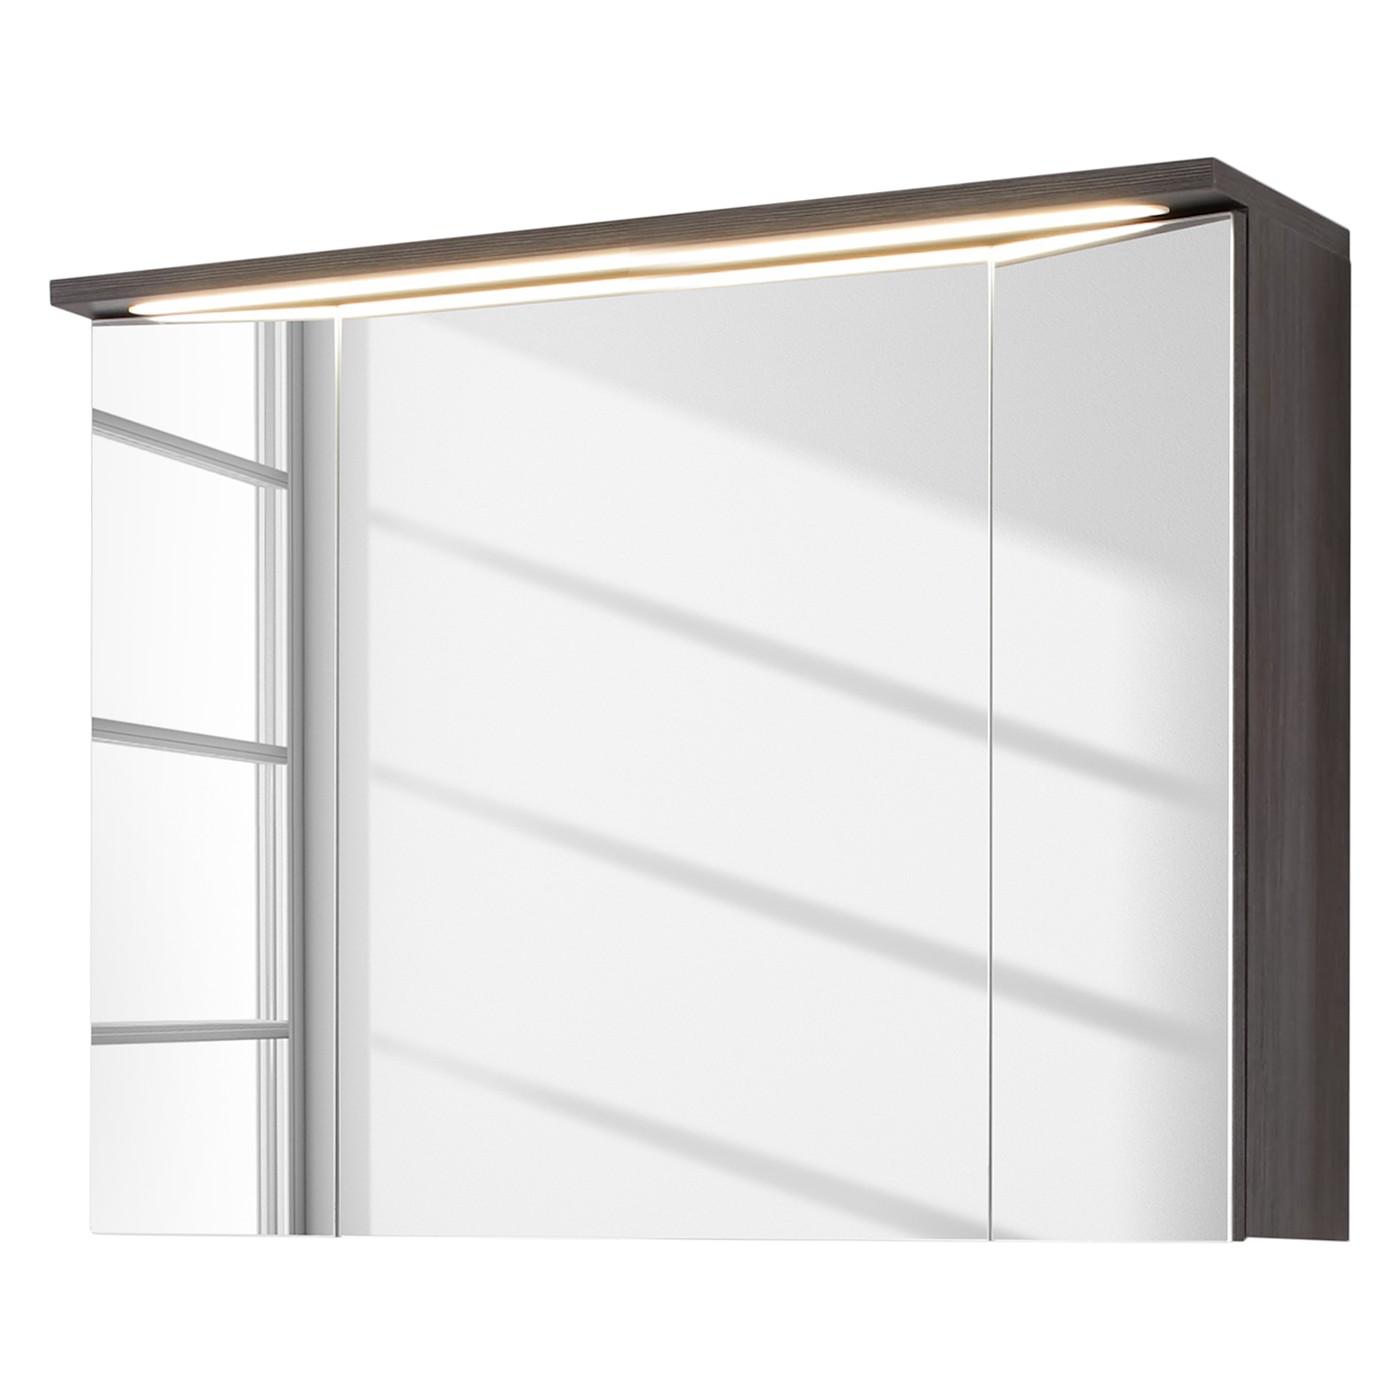 EEK A+, Armoire de toilette Adamo II (avec éclairage) - Imitation chêne argent cendré - 96 cm, Trendteam